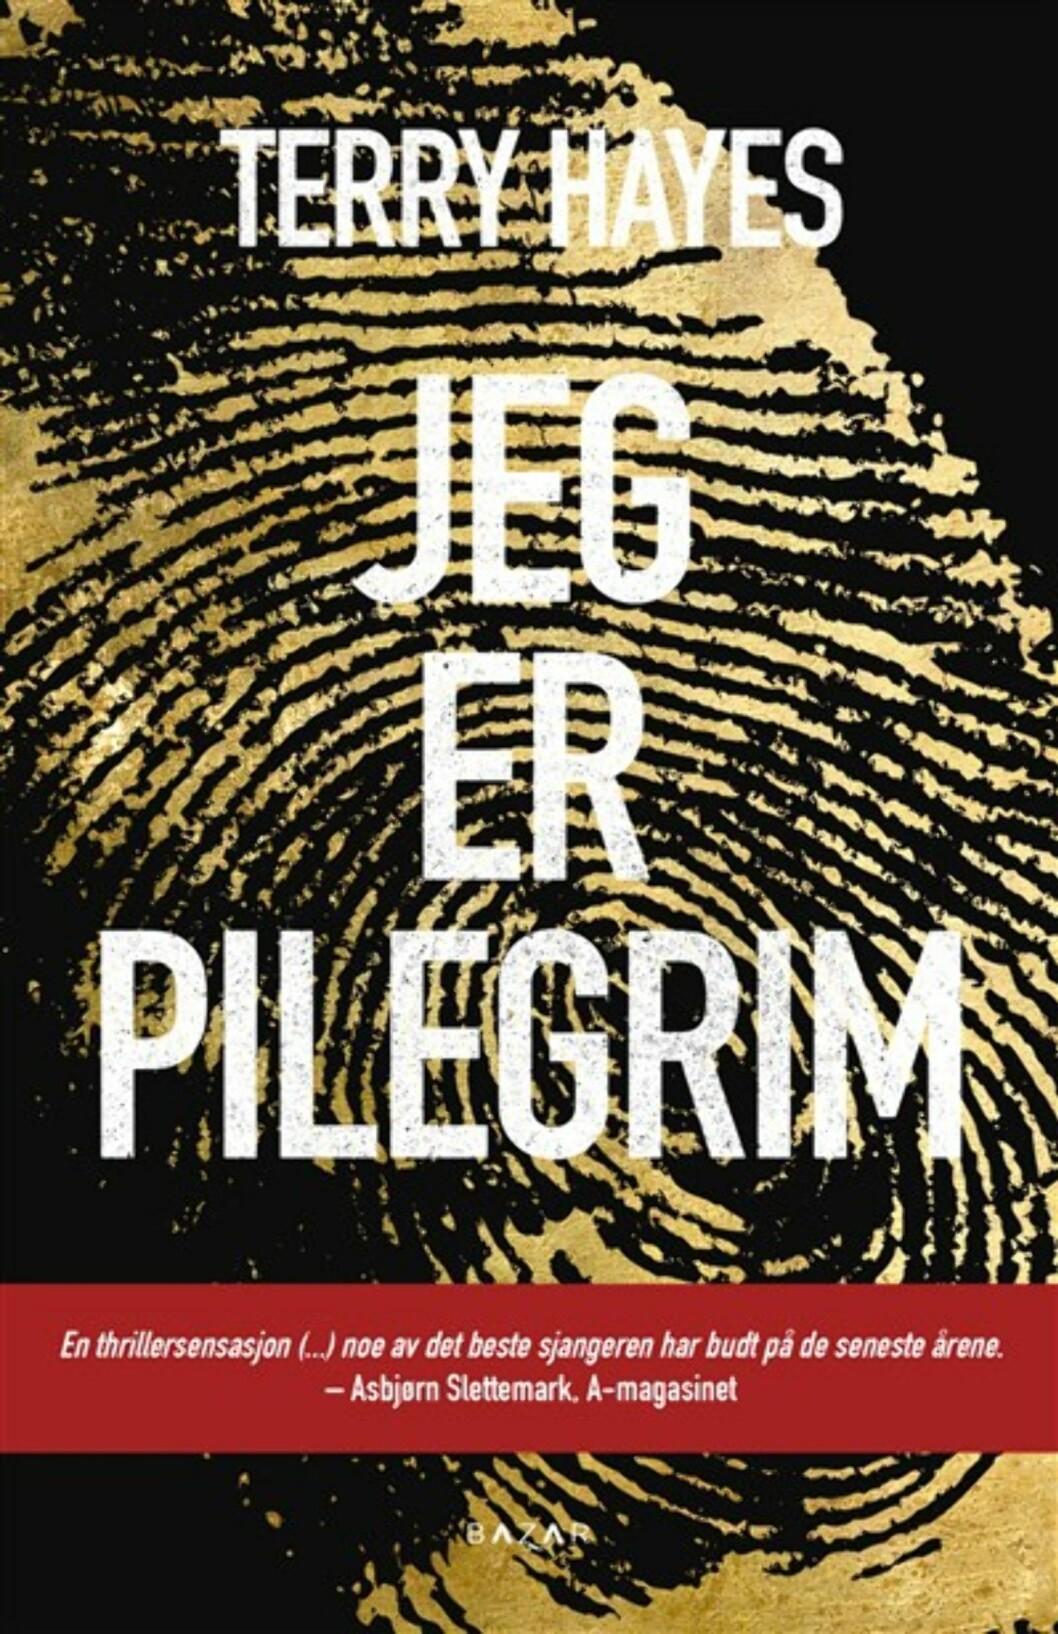 """""""Jeg er Pilgrim"""" av Terry Hayes, kroner 179 på Ark.no.  Foto: Produsenten"""